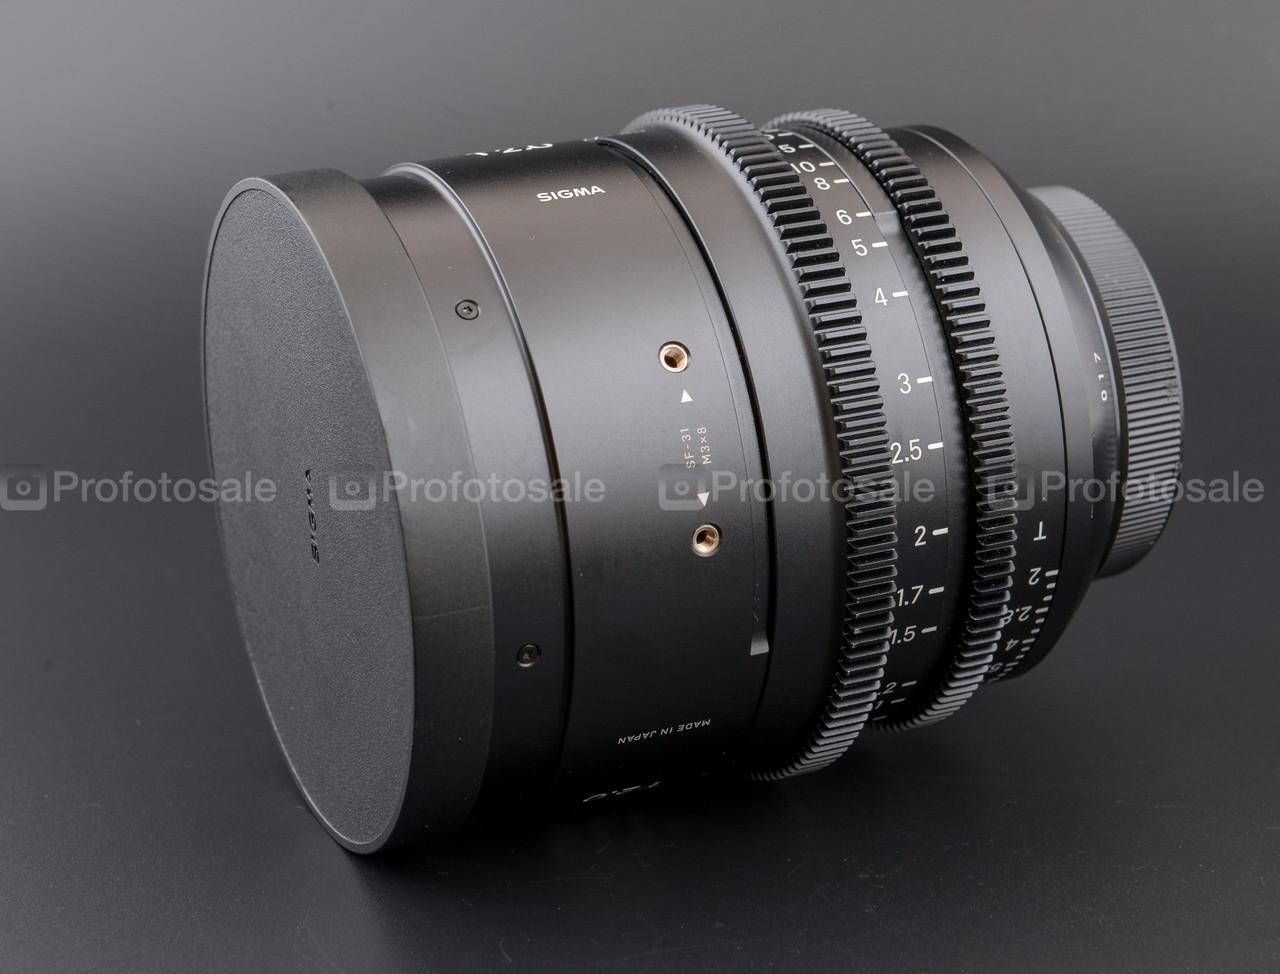 Кинообъектив Sigma 135mm T2.0